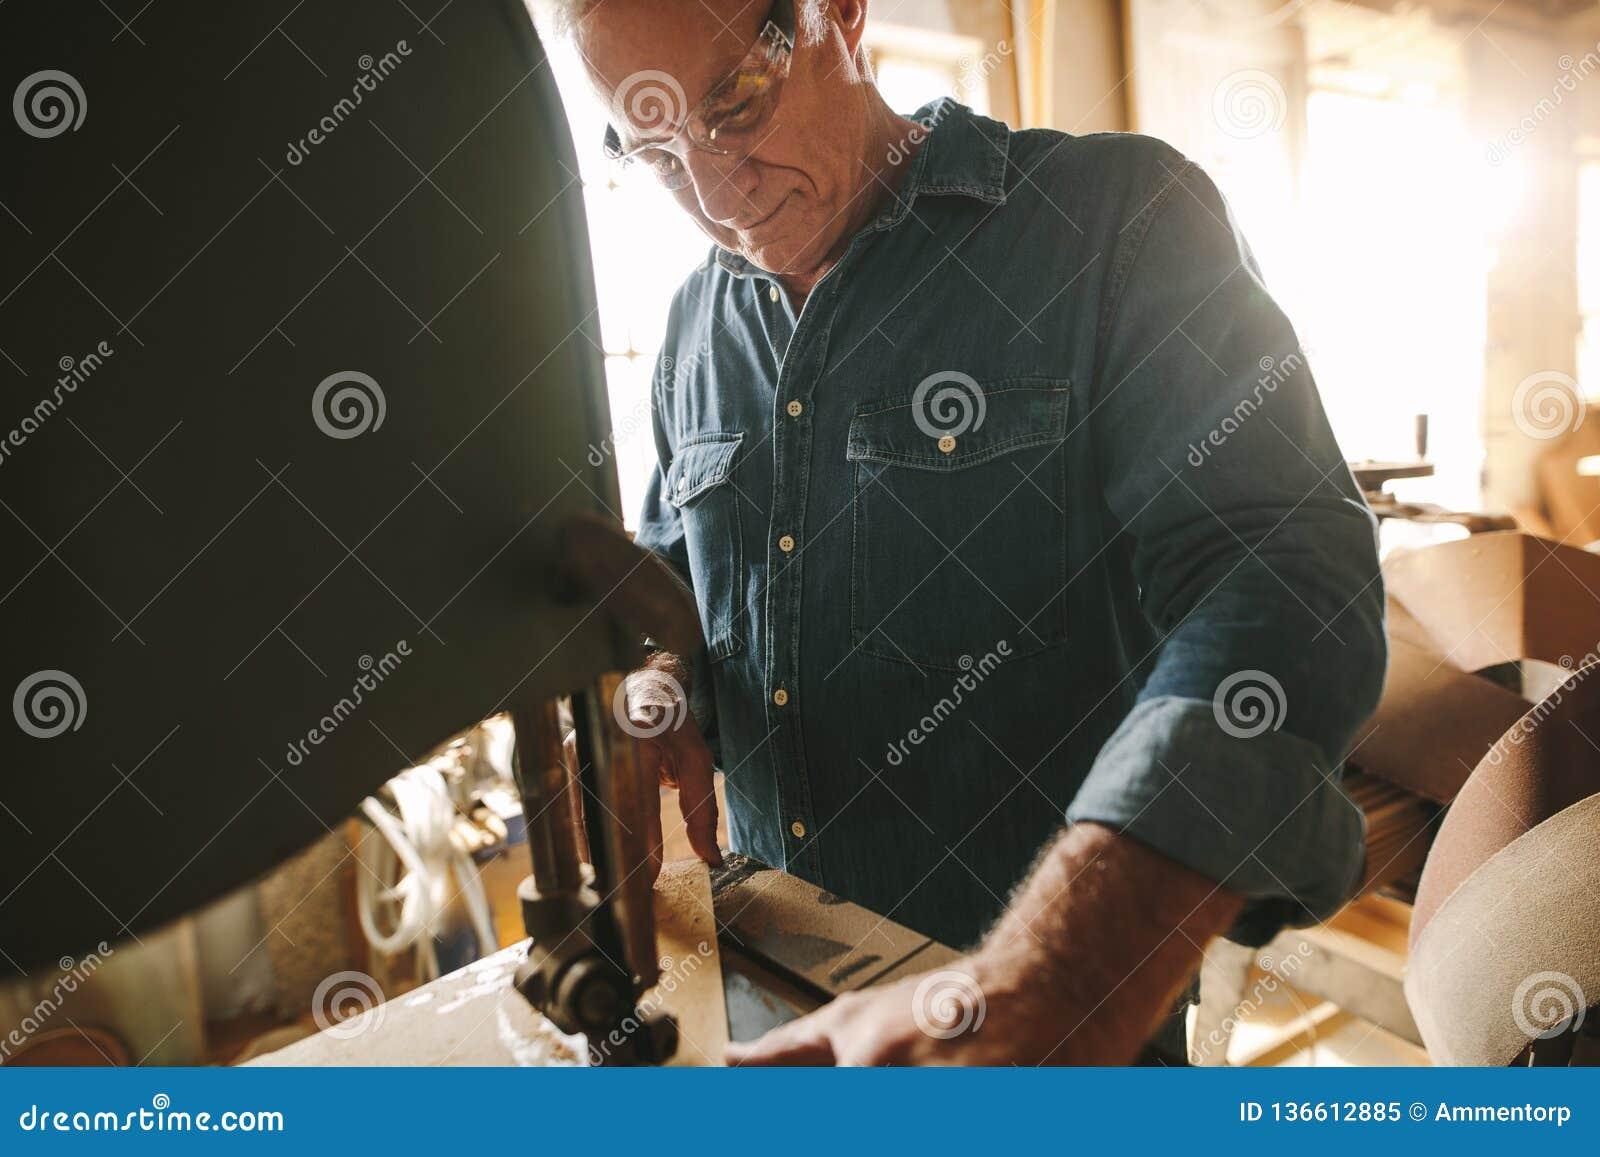 Älterer männlicher Tischler, der an Bandsägemaschine arbeitet